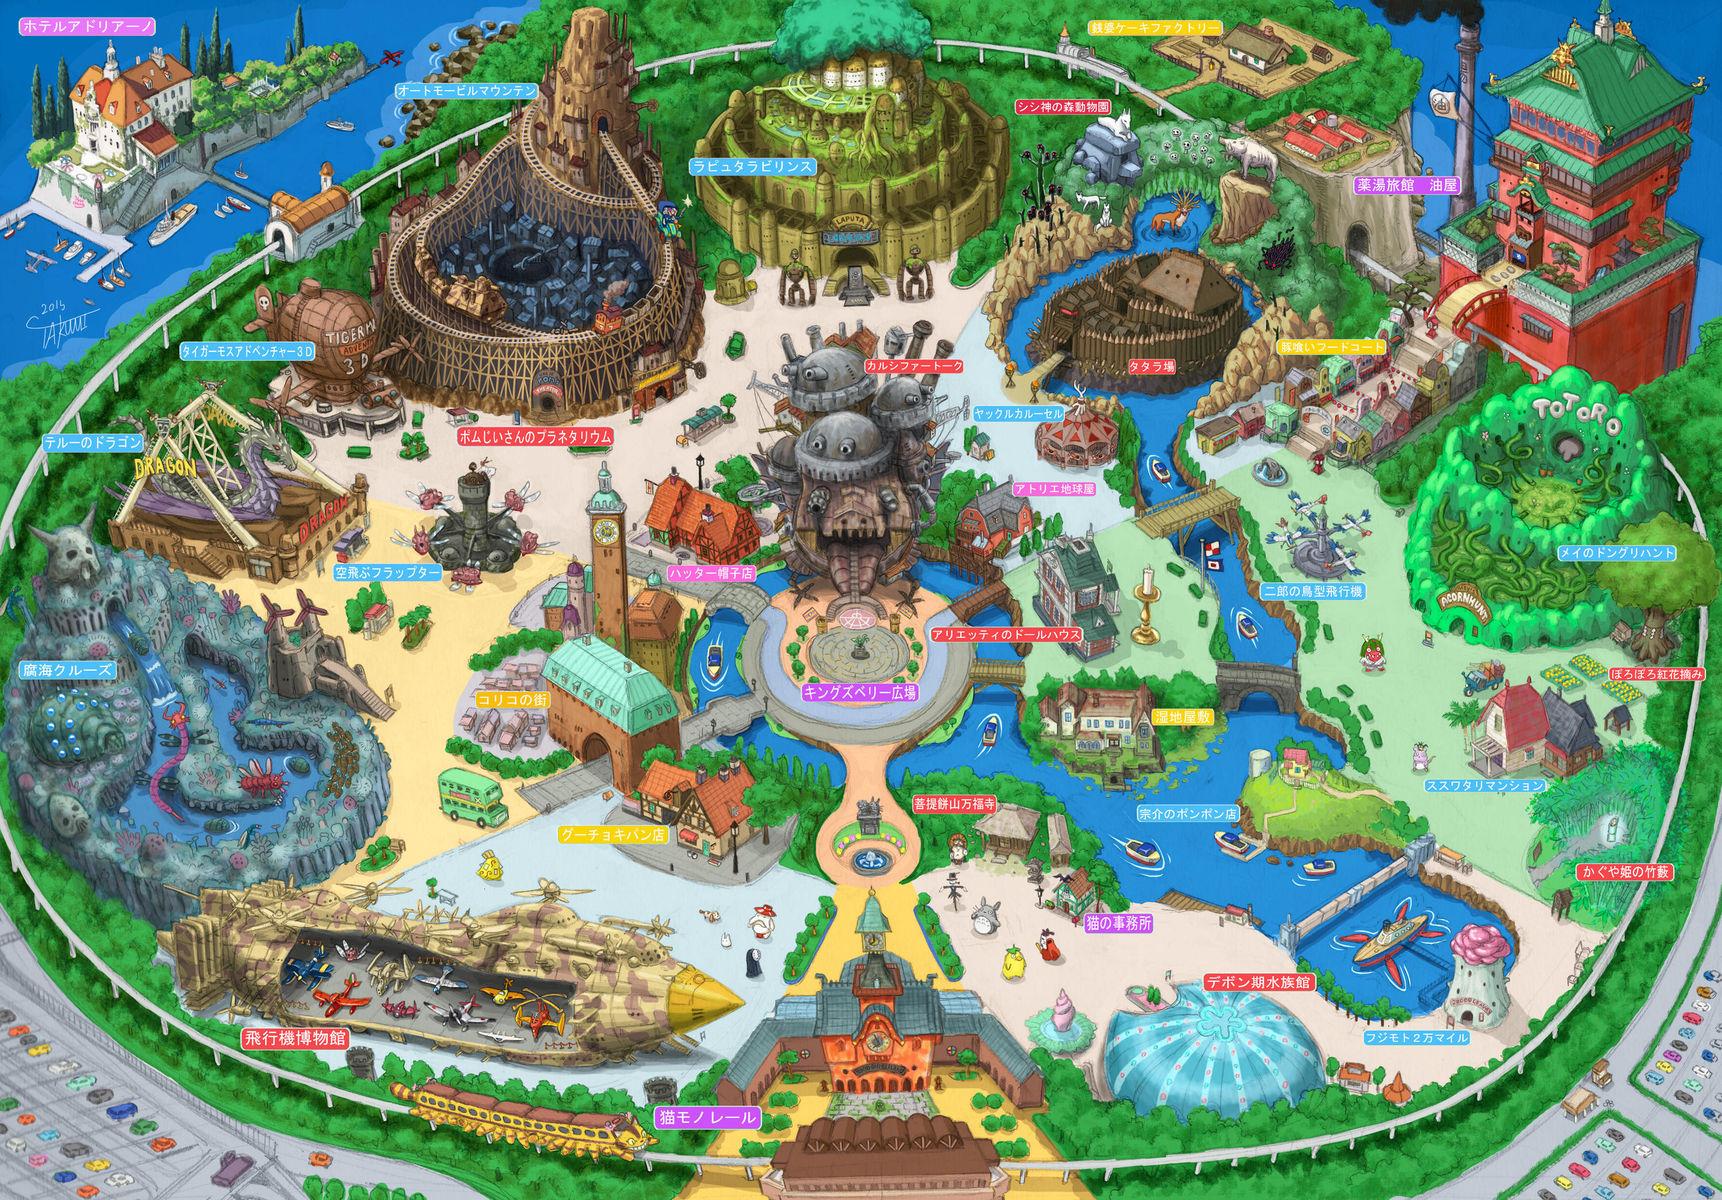 【愛知】ジブリの世界忠実に 「ジブリパーク」2022年度中に開業へ 長久手 YouTube動画>3本 ->画像>119枚